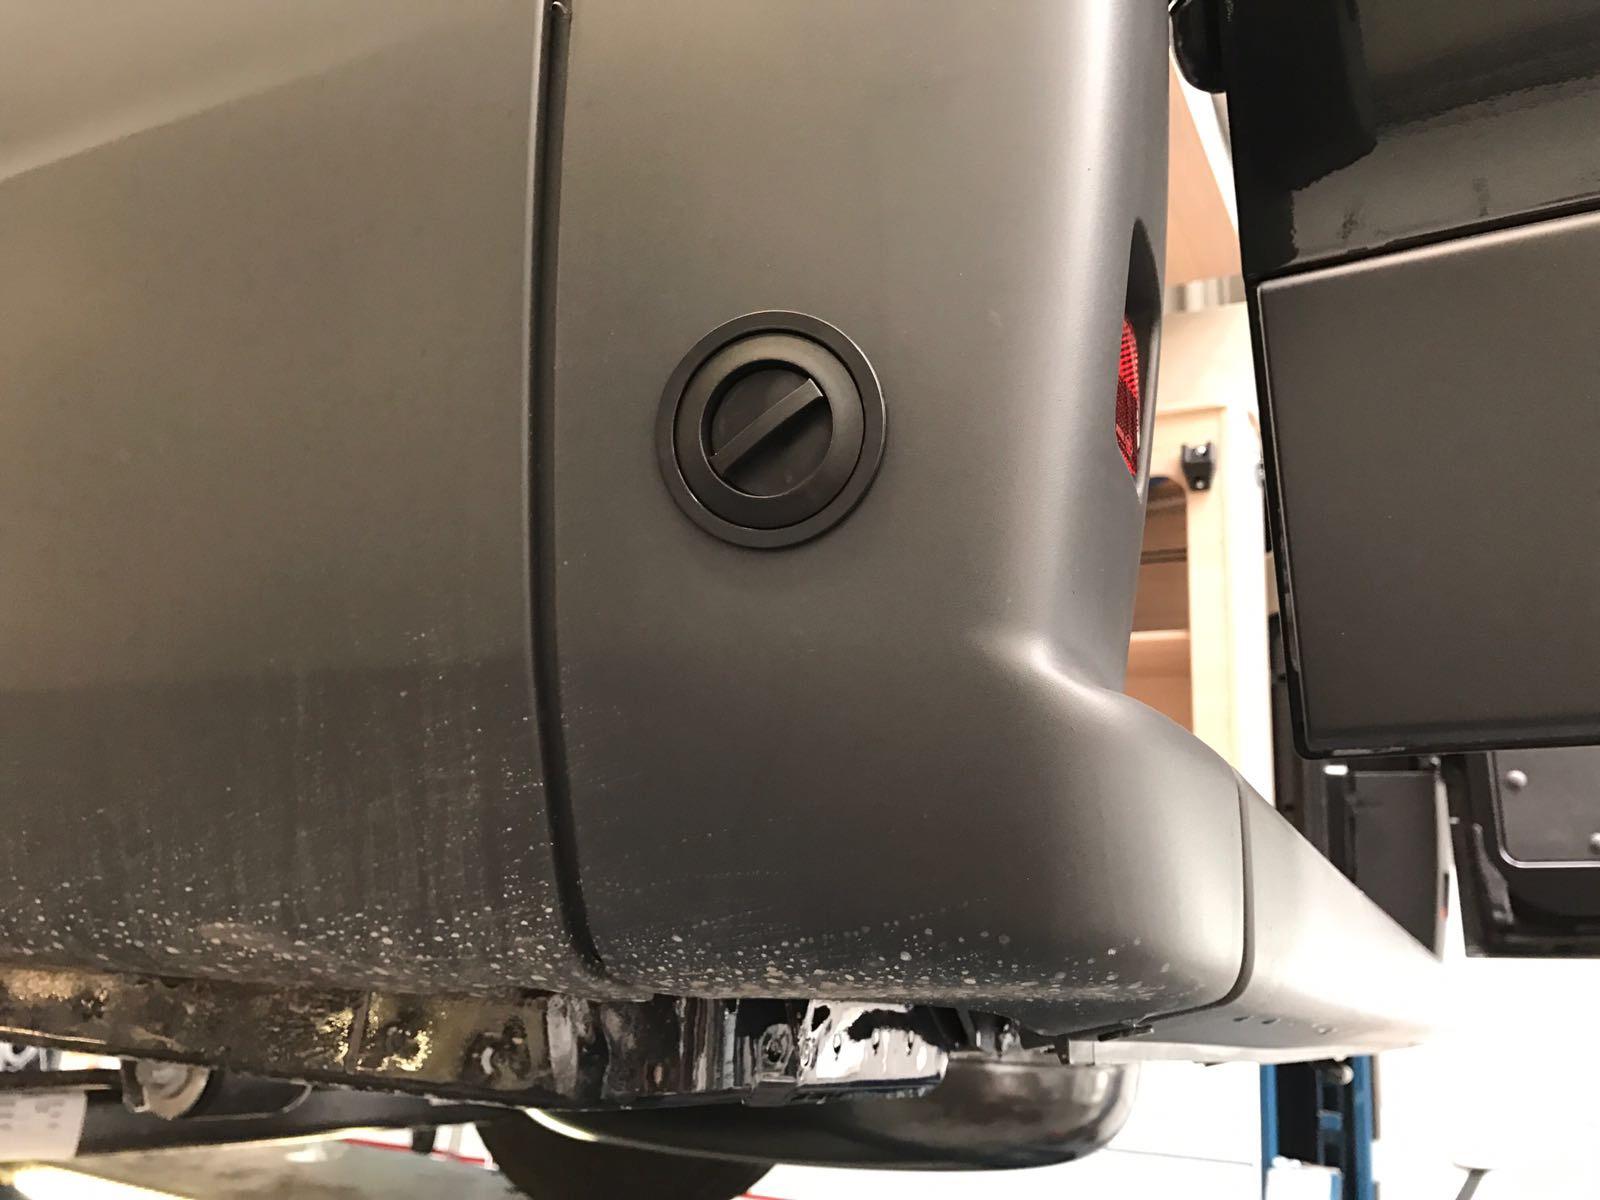 frontgas fl ssiggasanlagen tanken statt tauschen. Black Bedroom Furniture Sets. Home Design Ideas